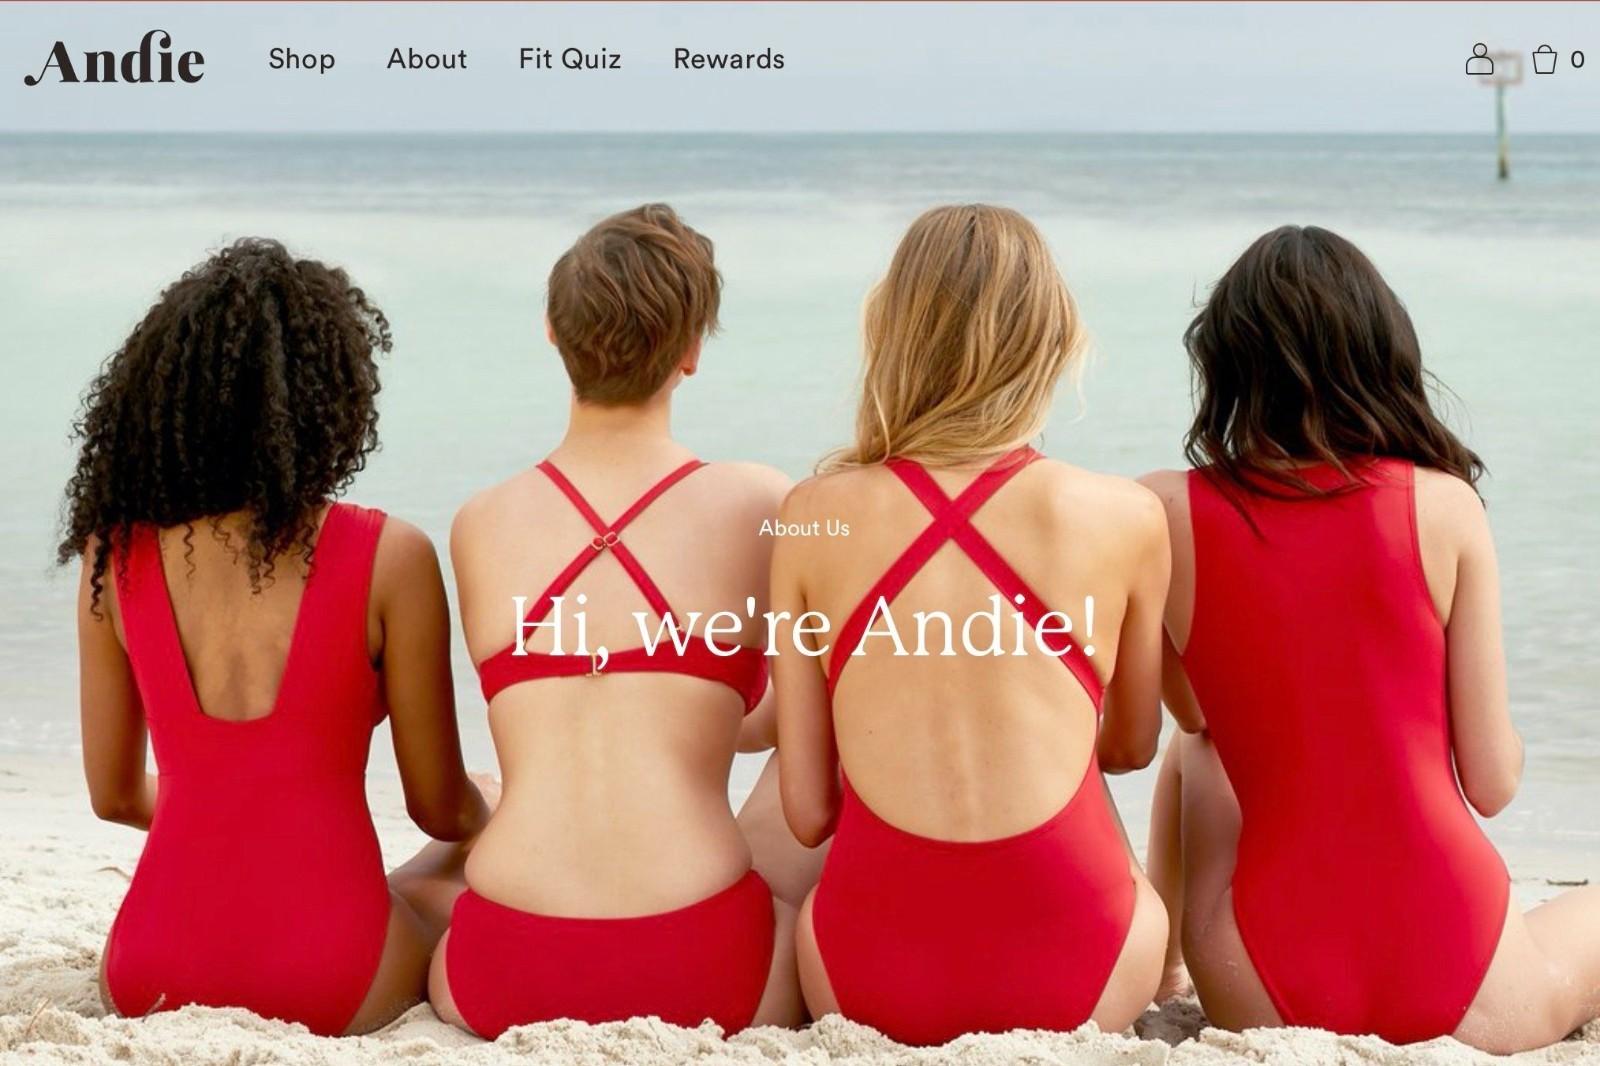 泳装品牌Andie Swim完成650万美元A轮融资